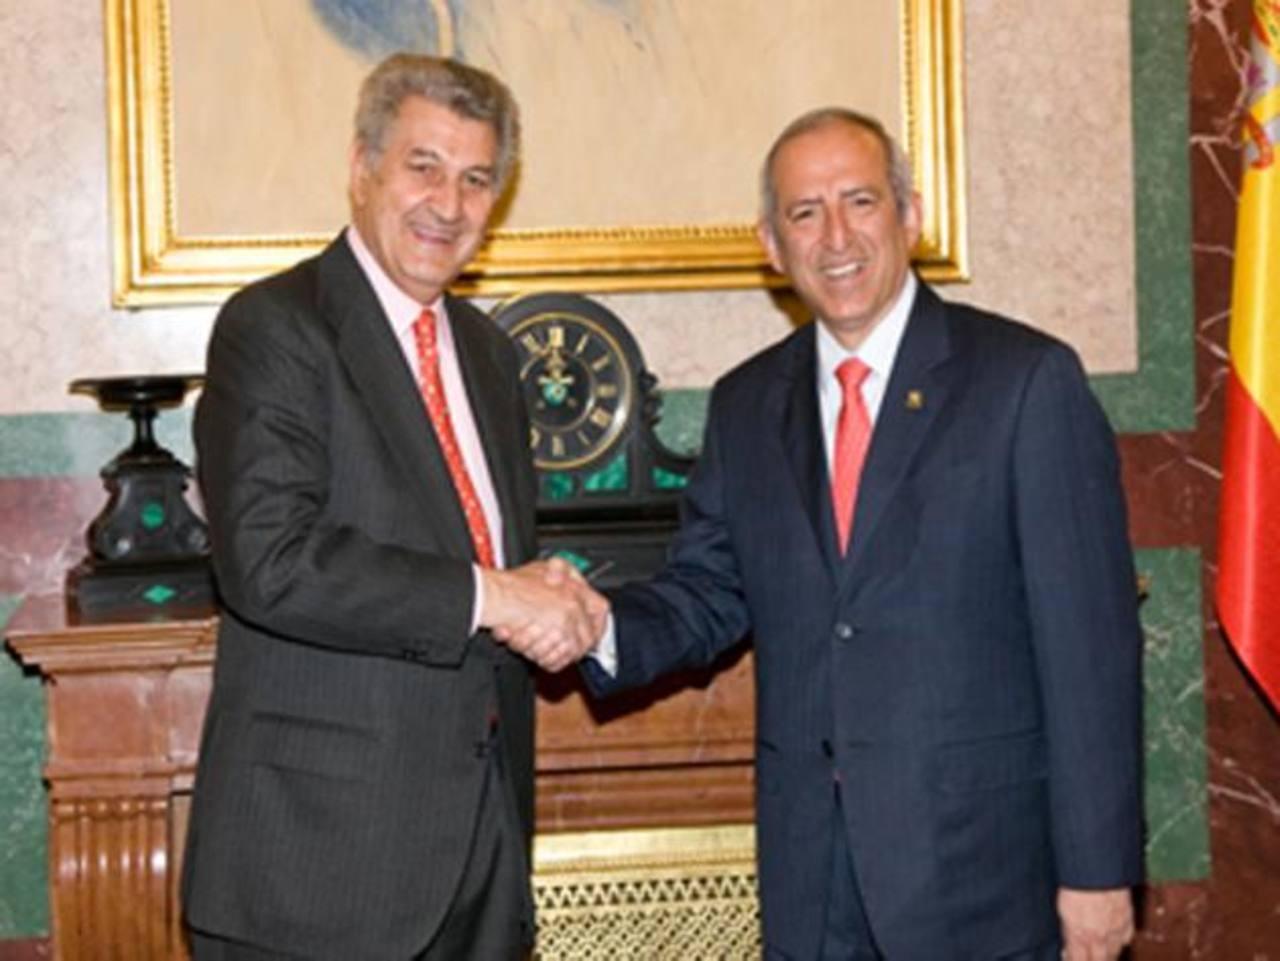 El presidente de la Asamblea, Sigfrido Reyes, junto a su homólogo español, Jesús Posada, en una visita a Madrid a principios de 2012.